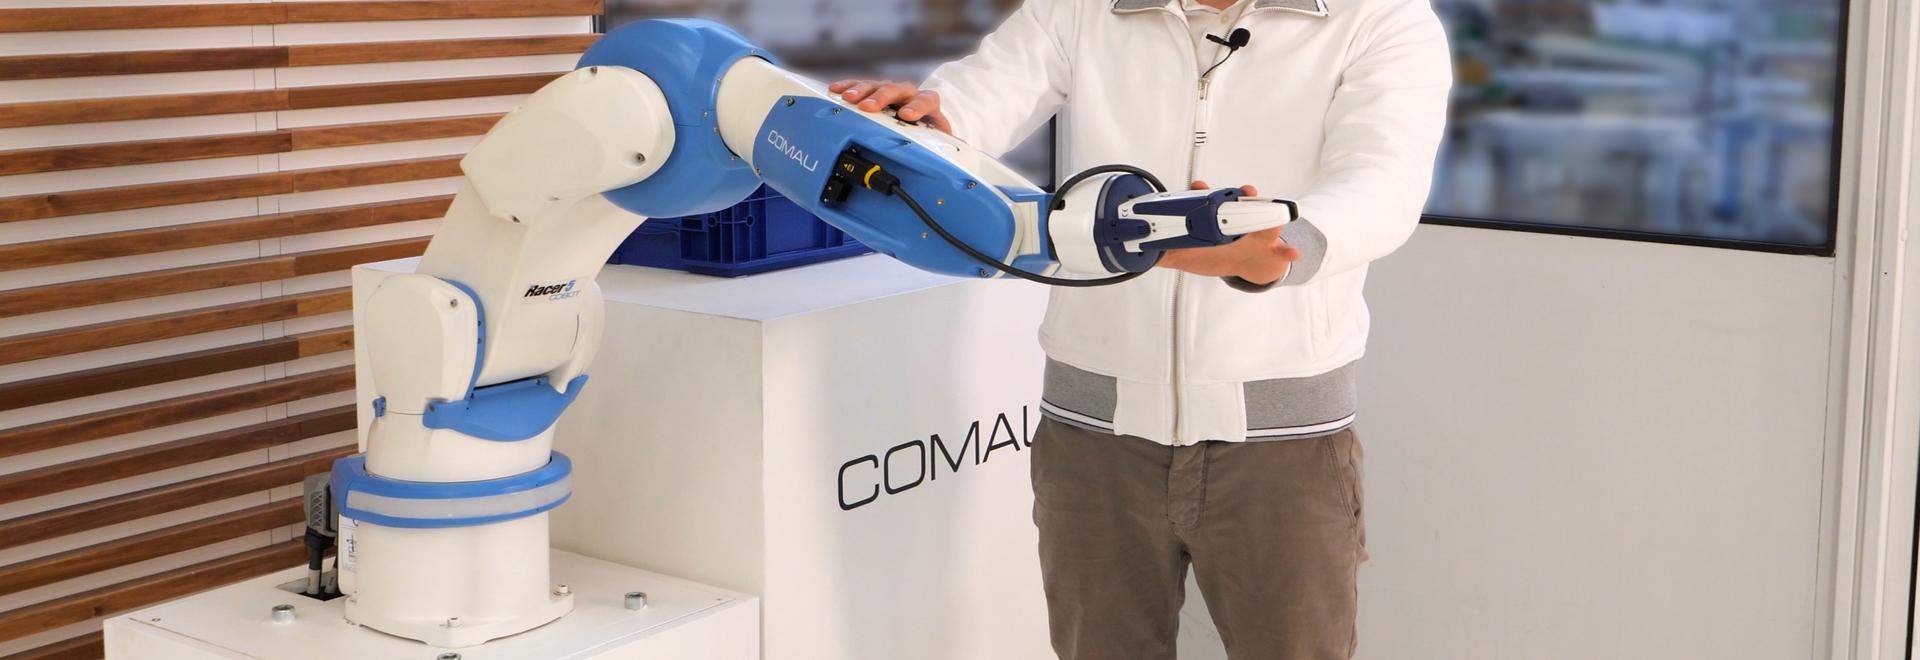 Cobot Racer-5